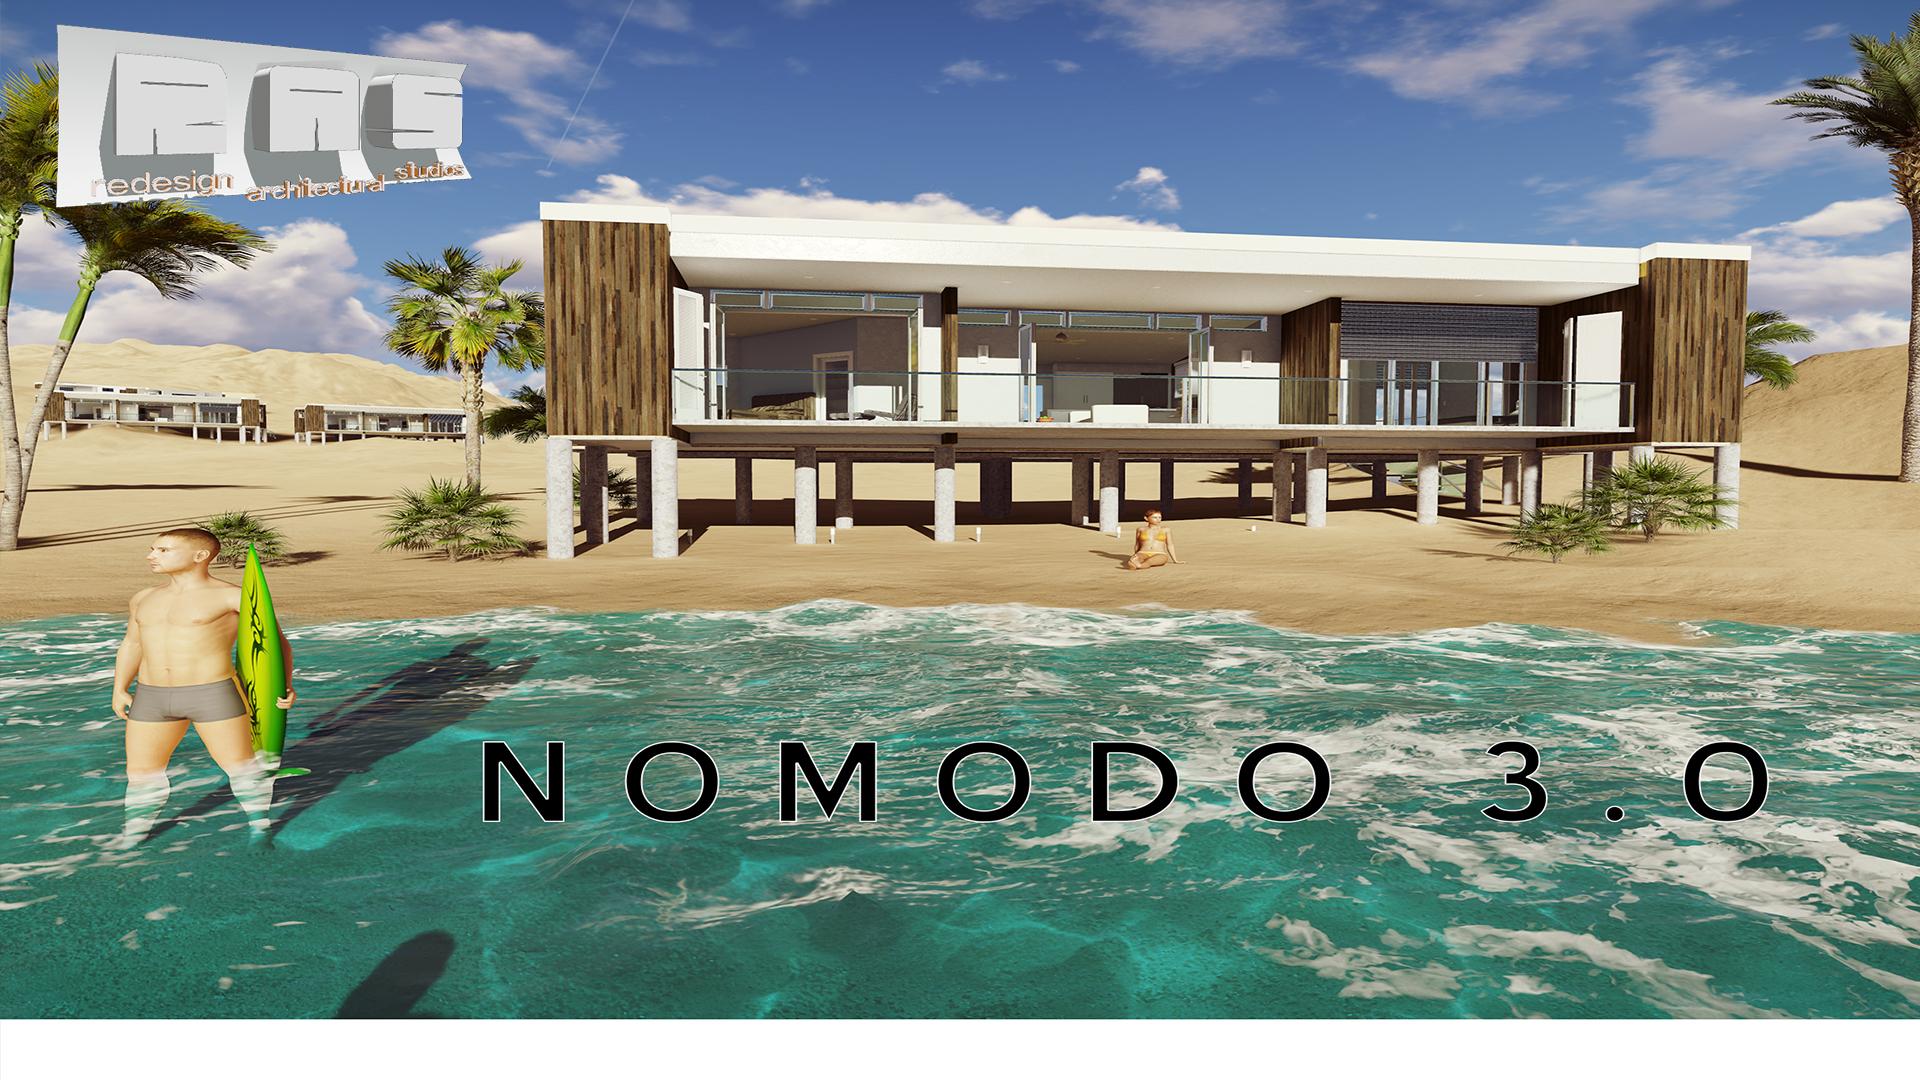 nomodo 3.0.jpg